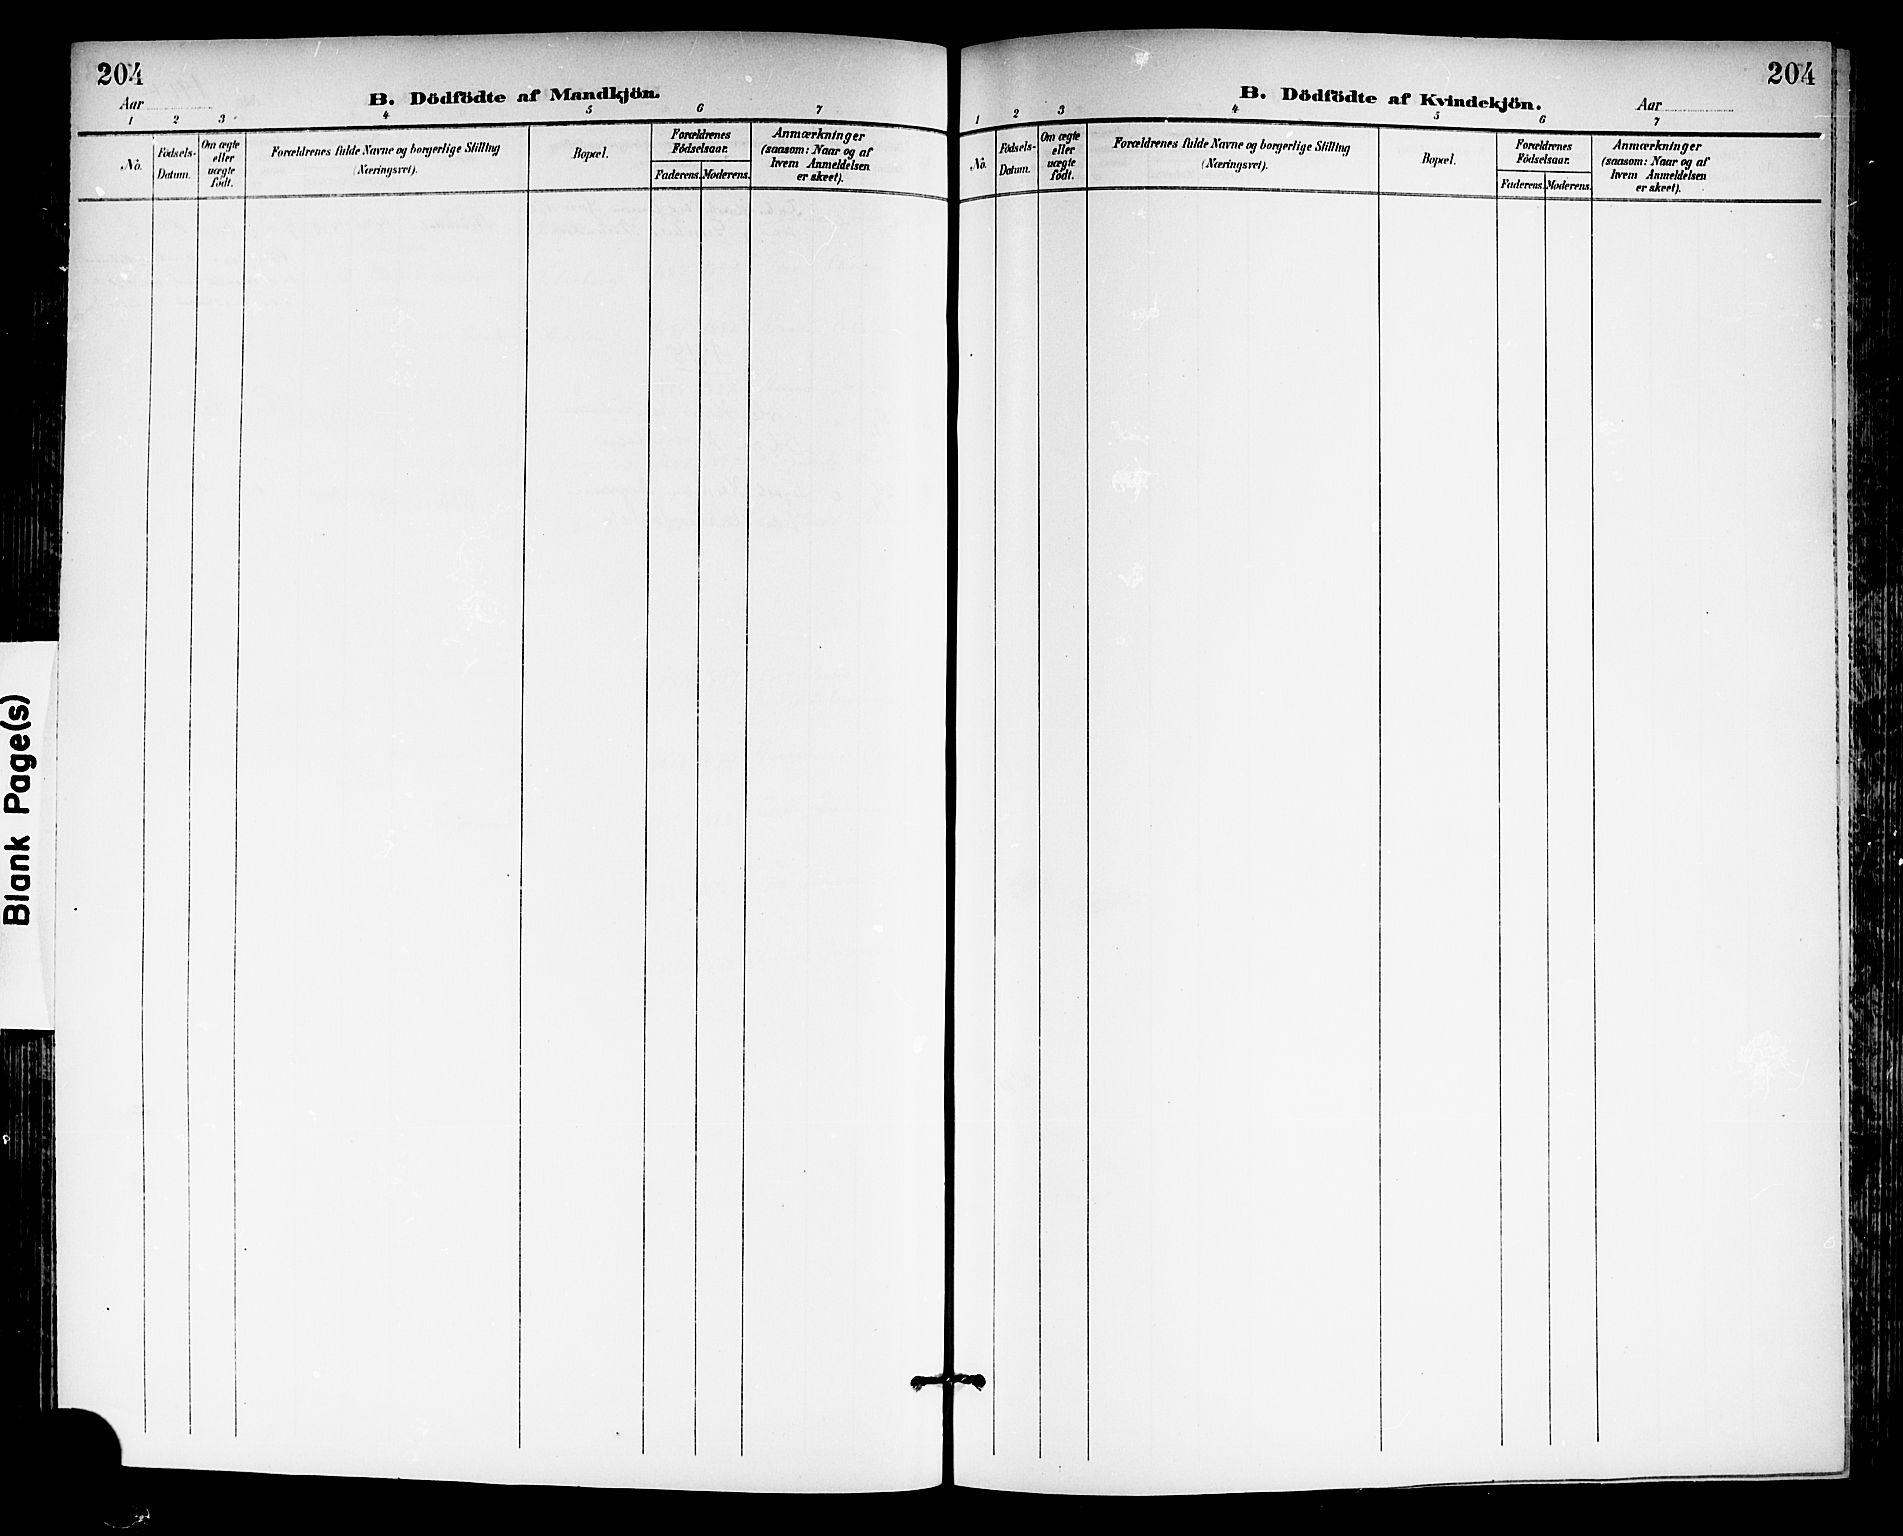 SAKO, Gjerpen kirkebøker, G/Ga/L0003: Klokkerbok nr. I 3, 1901-1919, s. 204